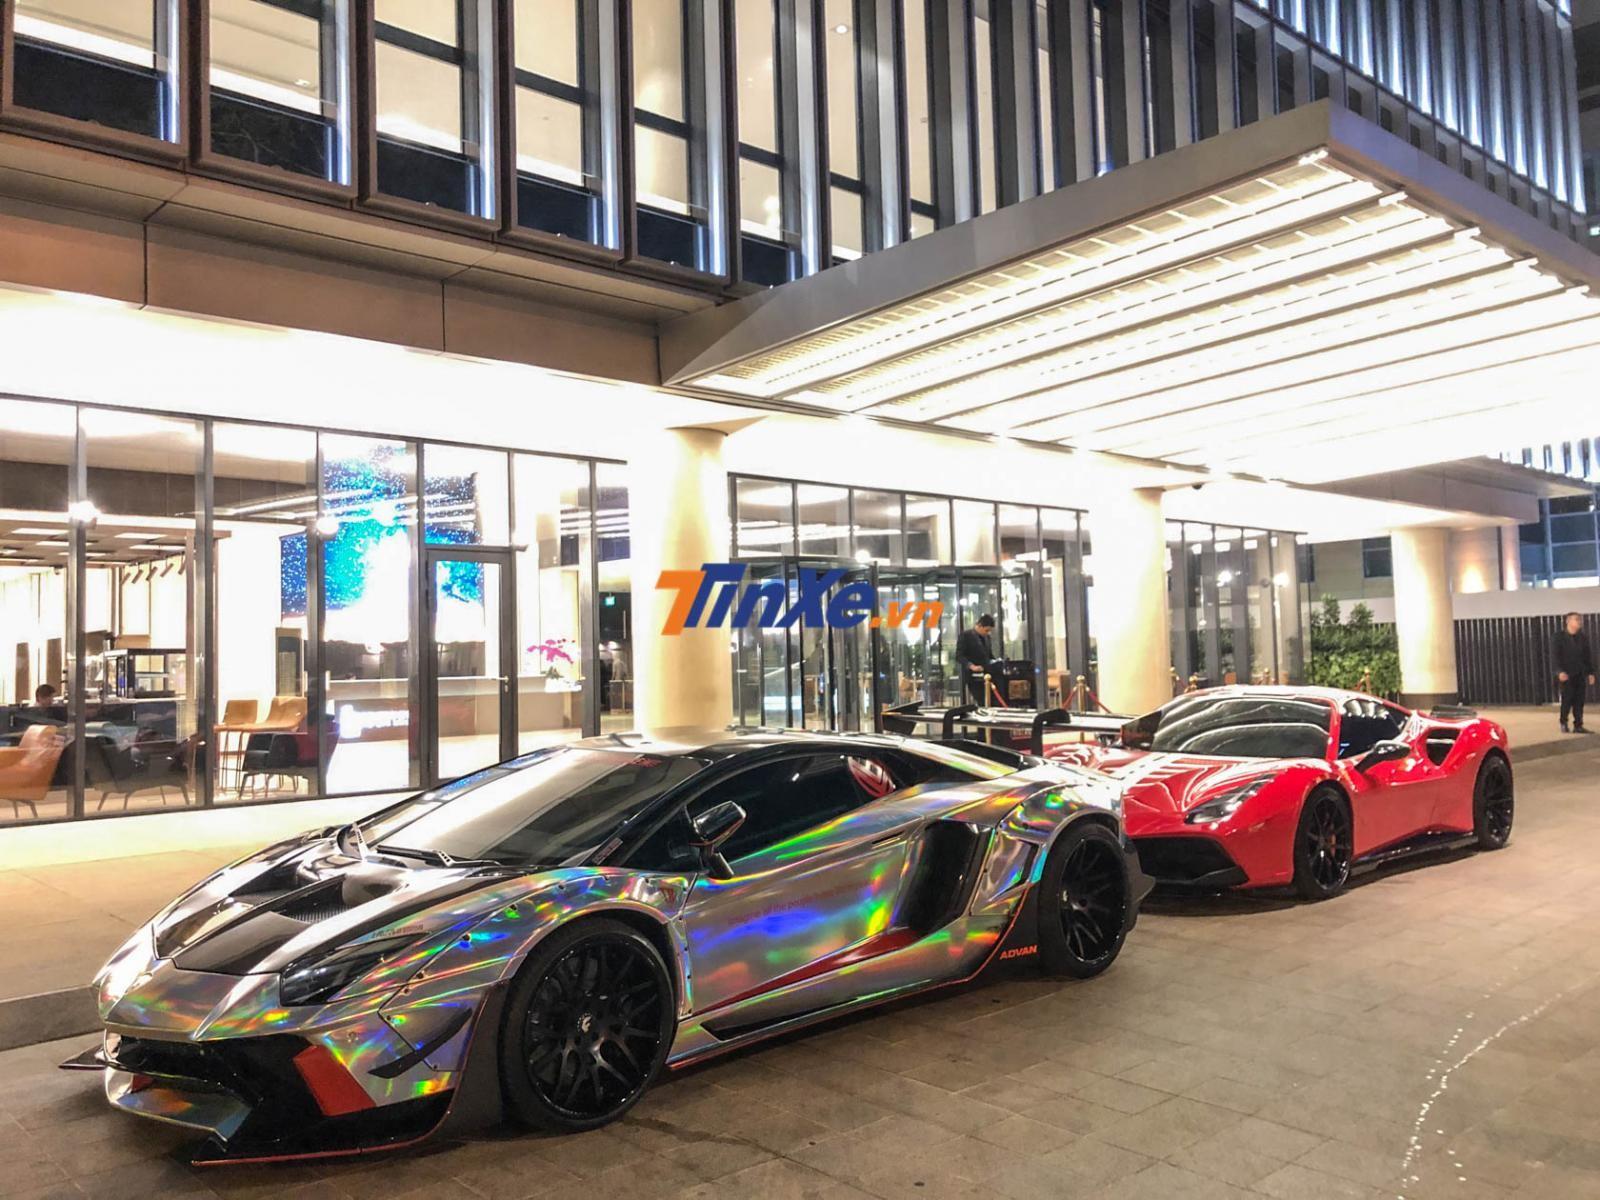 Để thực hiện dự án độ Liberty Walk này, chủ nhân chiếc siêu xe độ Lamborghini Aventador Limited Edition 50 độc nhất Việt Nam bỏ ra số tiền không dưới 3 tỷ đồng